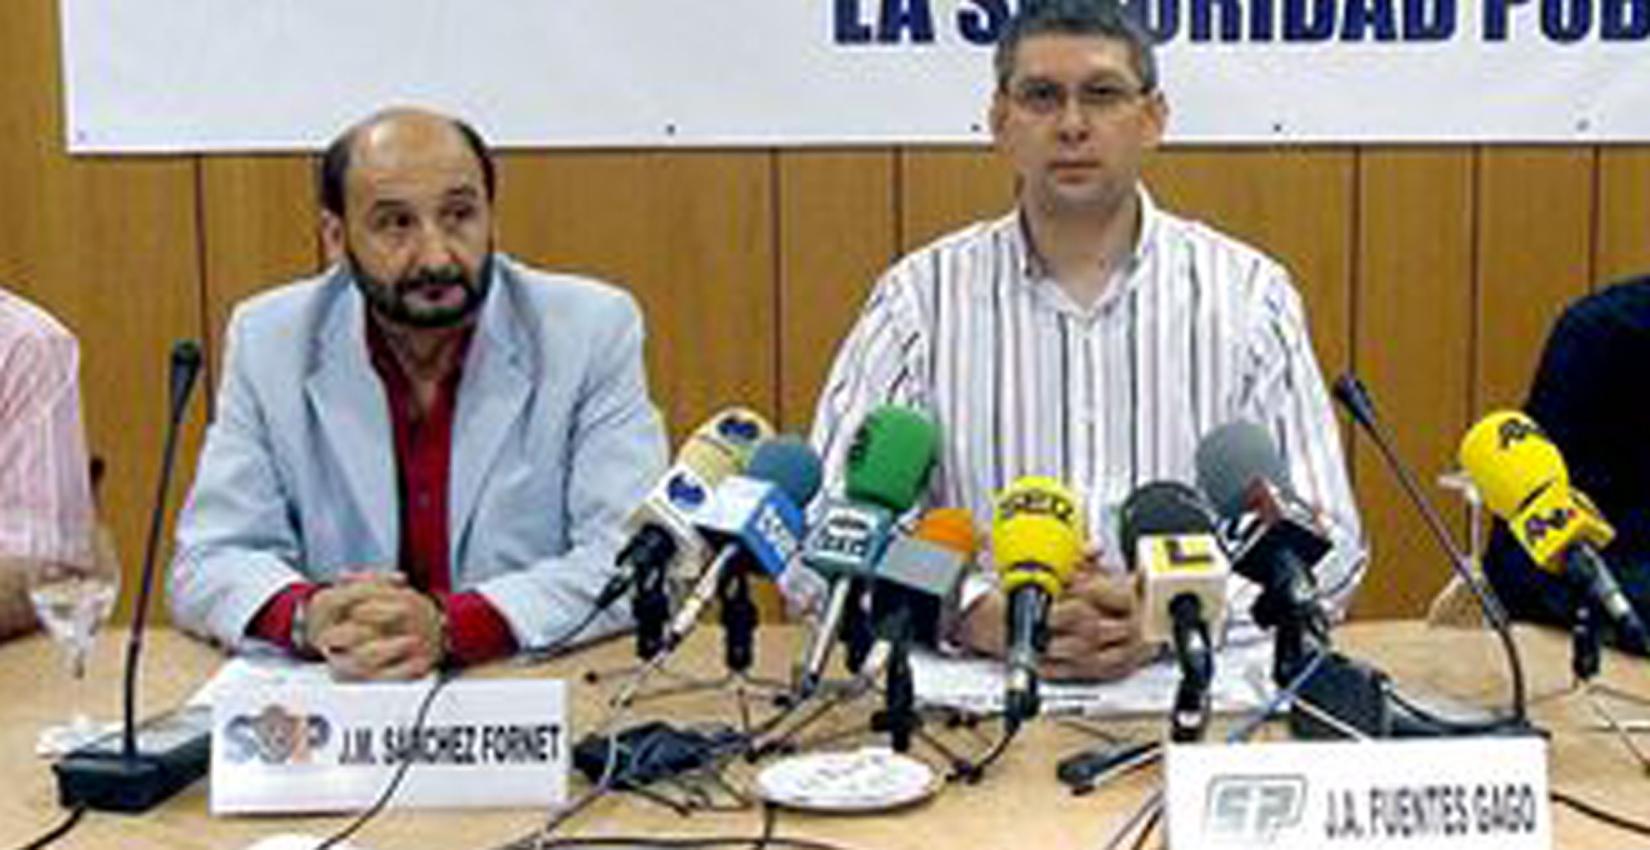 José Ángel Fuentes Gago con Sánchez Fornet.